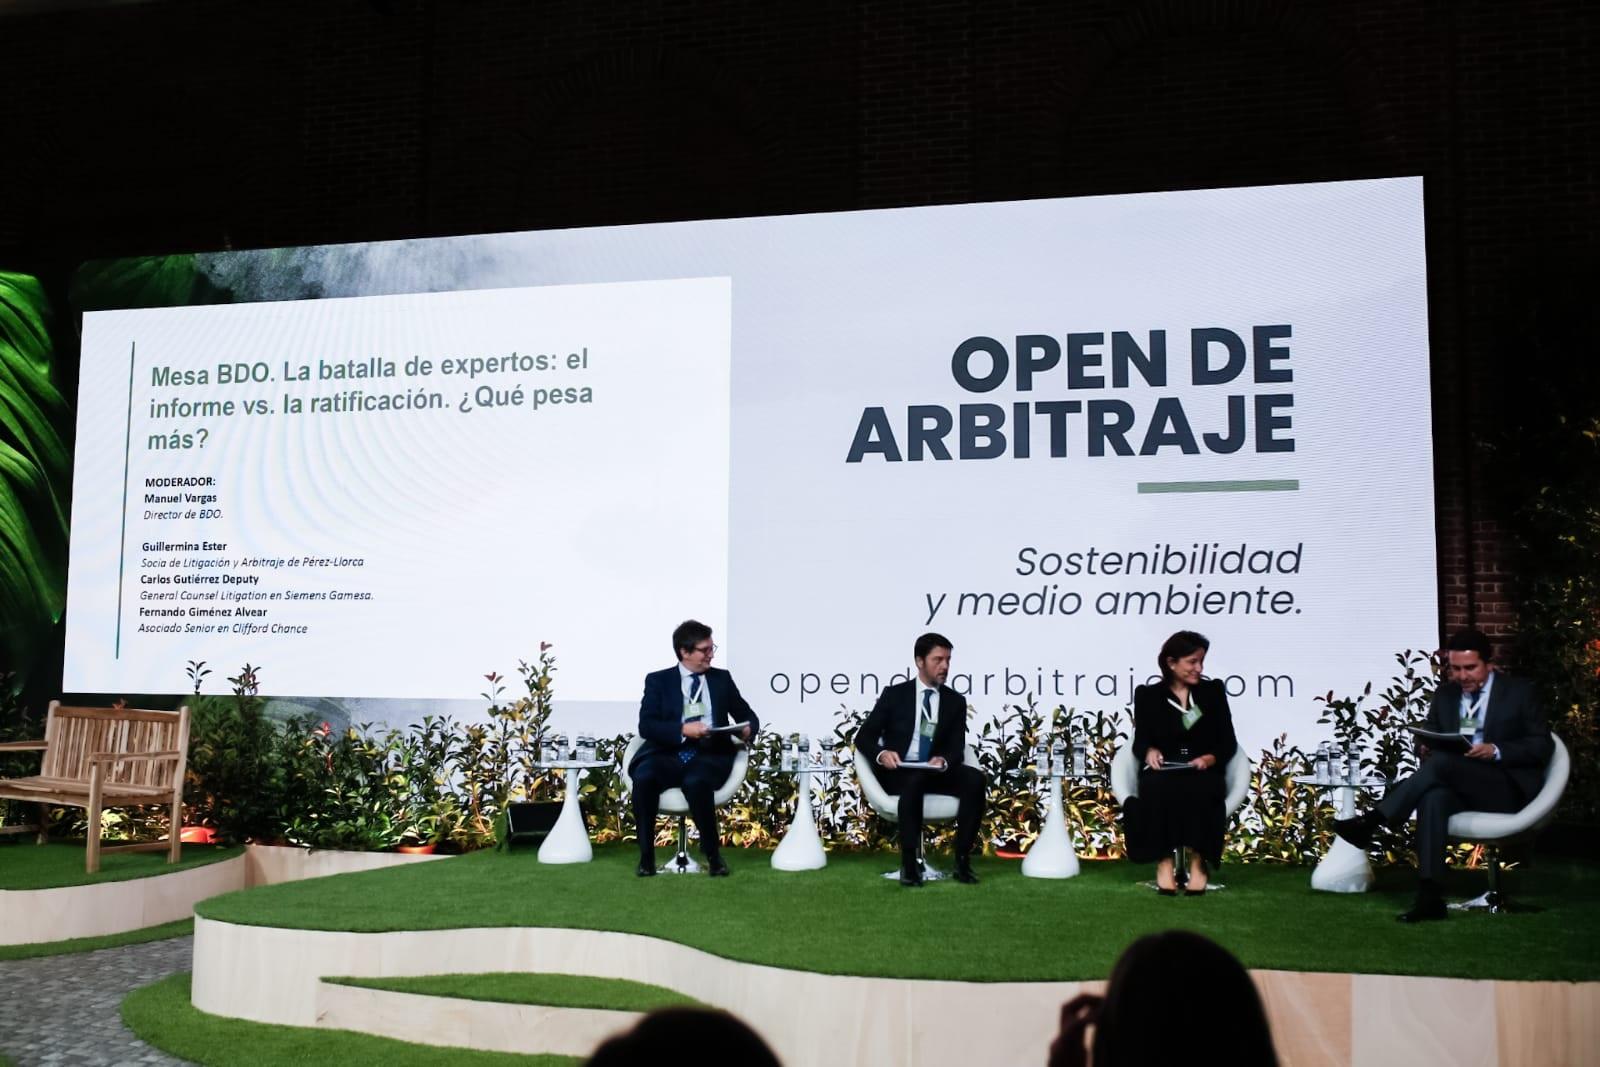 El cambio climático y la sostenibilidad protagonizarán la mayoría de los arbitrajes en los próximos años